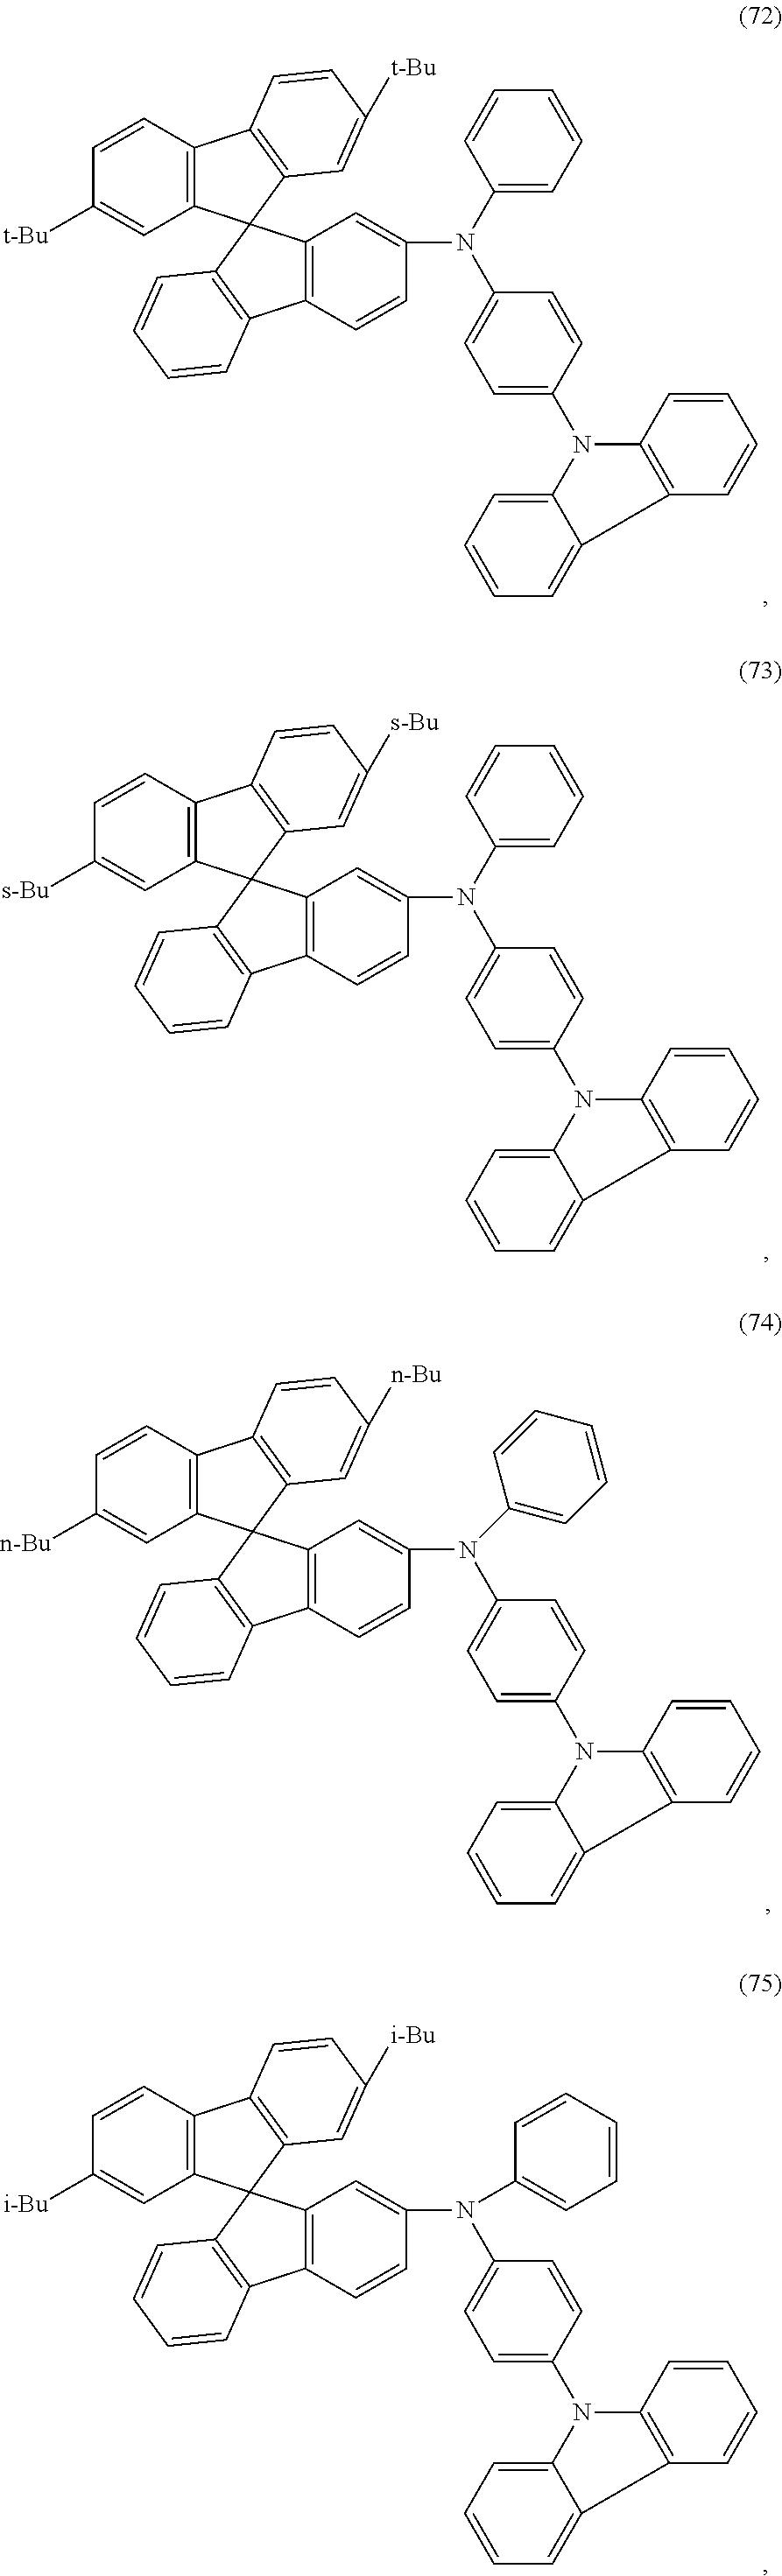 Figure US09548457-20170117-C00062